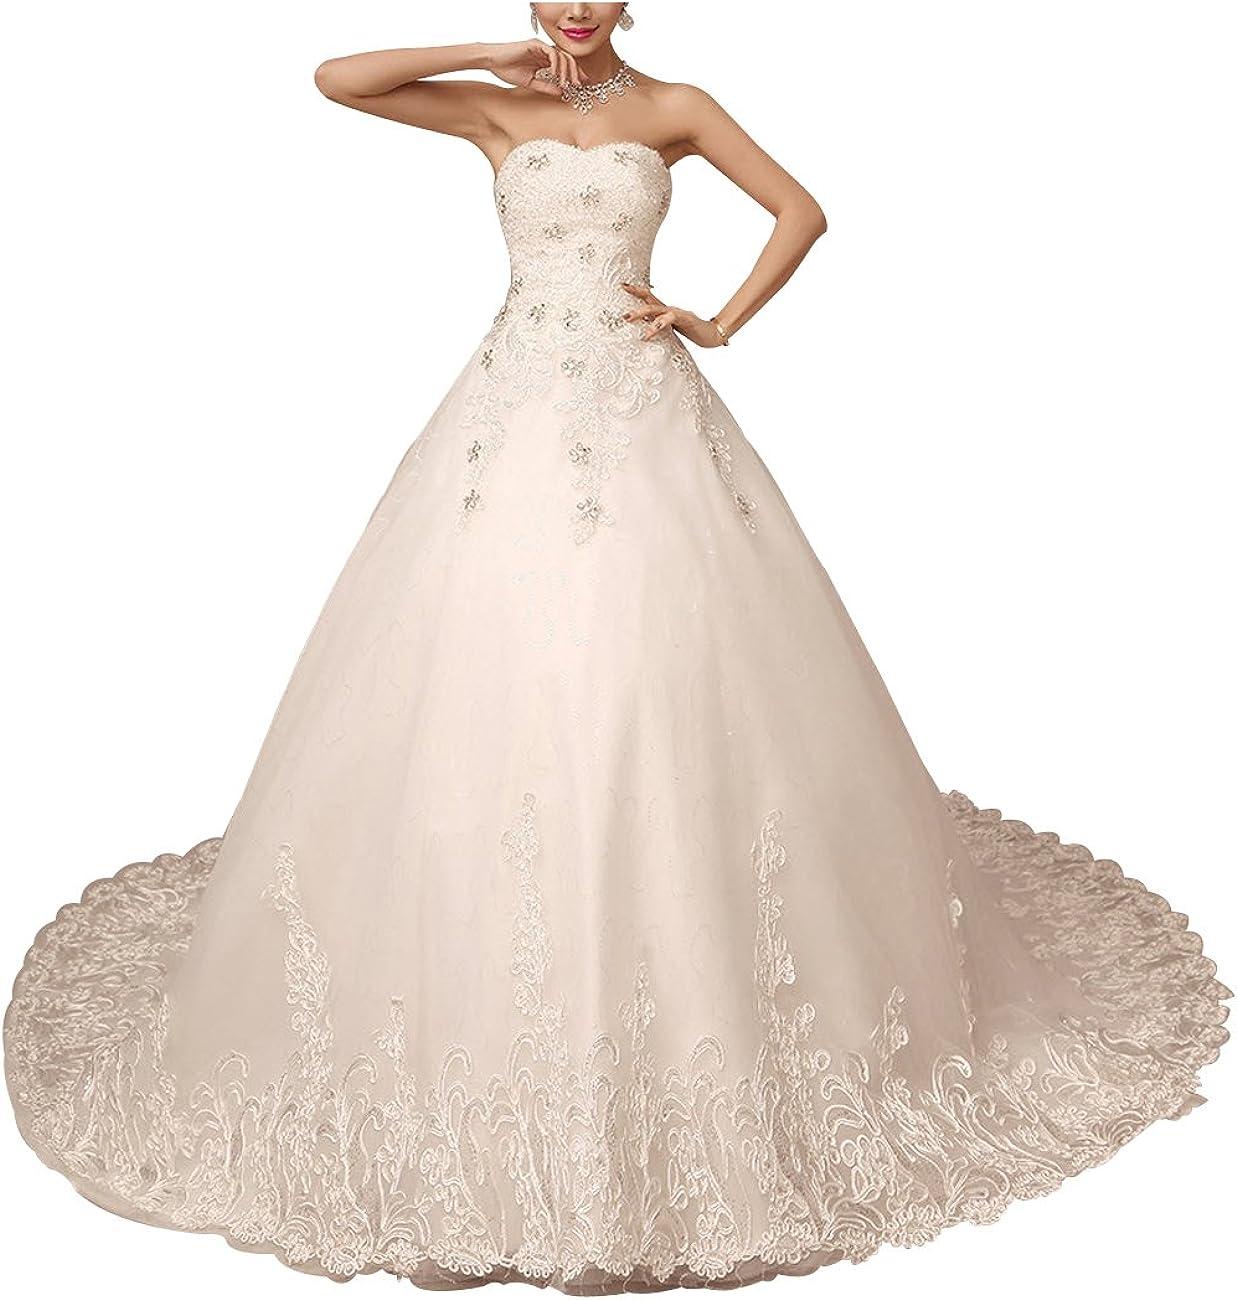 Lactraum HS 15 Brautkleid Hochzeitskleid mit Schleppe Strassstein Spitze